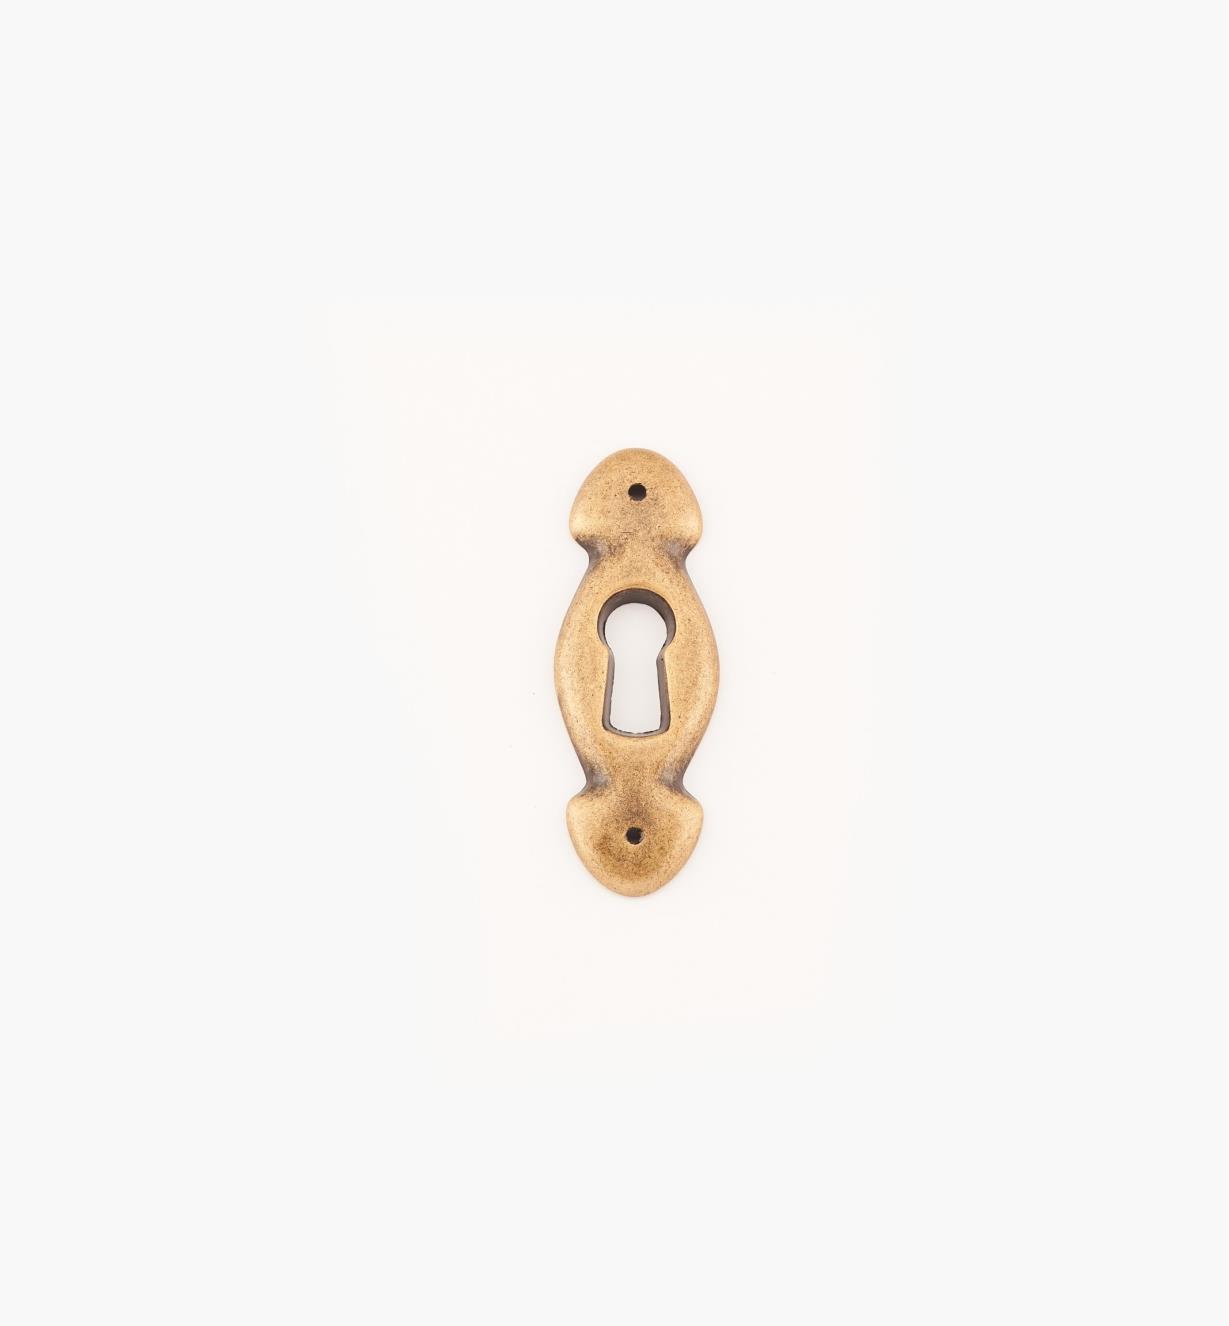 01A6941 - Entrée de serrure de 22 mm x 38 mm, série Regency, fini laiton antique